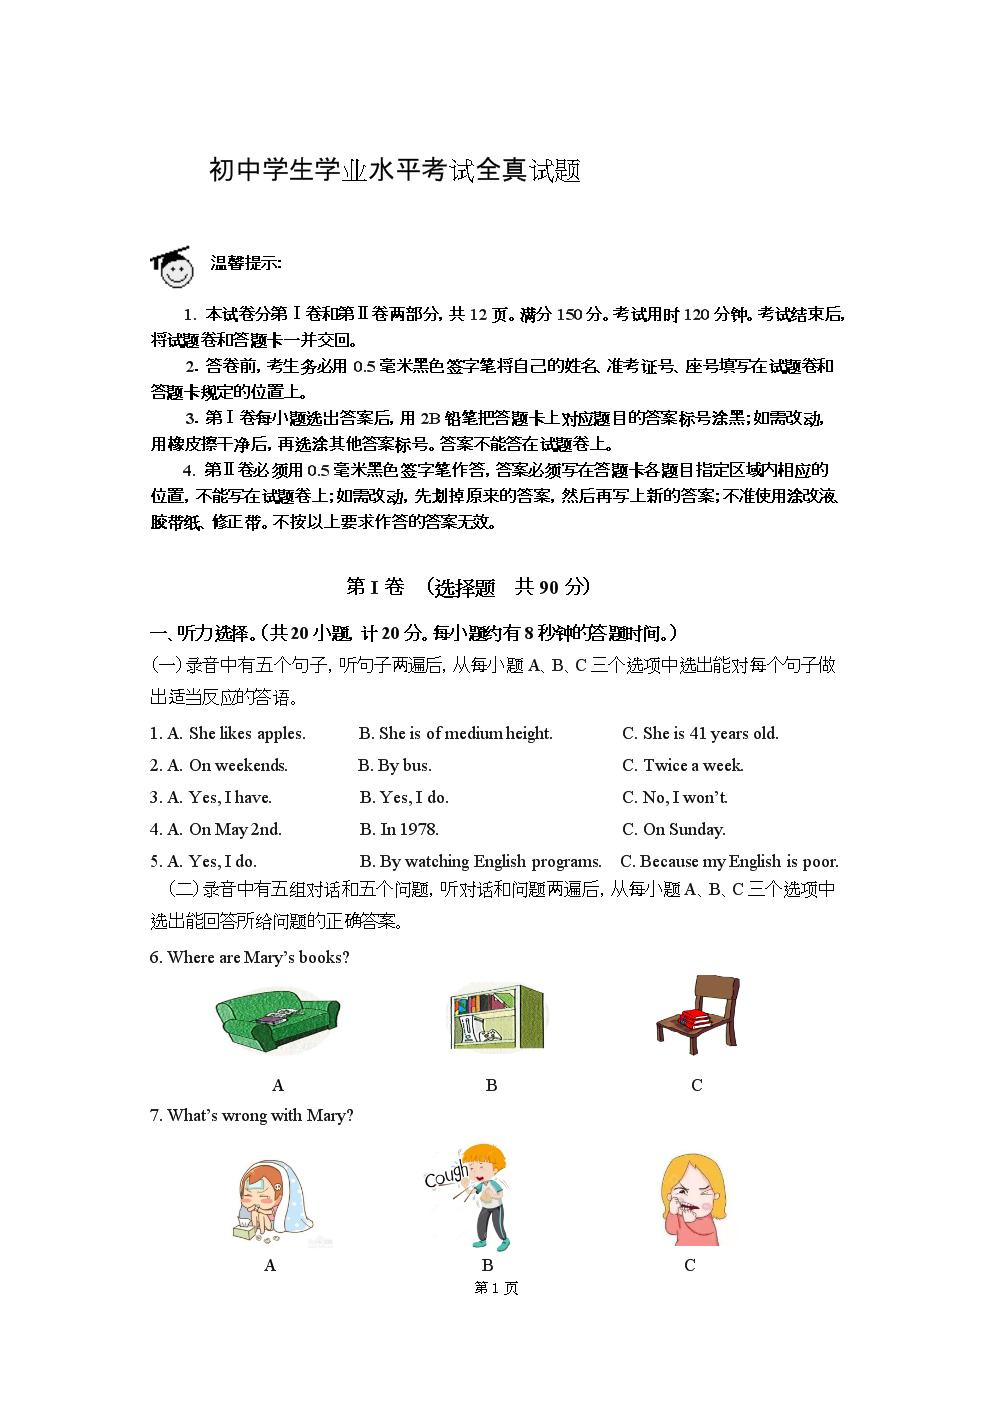 2018年xx省市水平初中出处考英语样题包含答方:刚_将要;文言文初中学业方圆图片